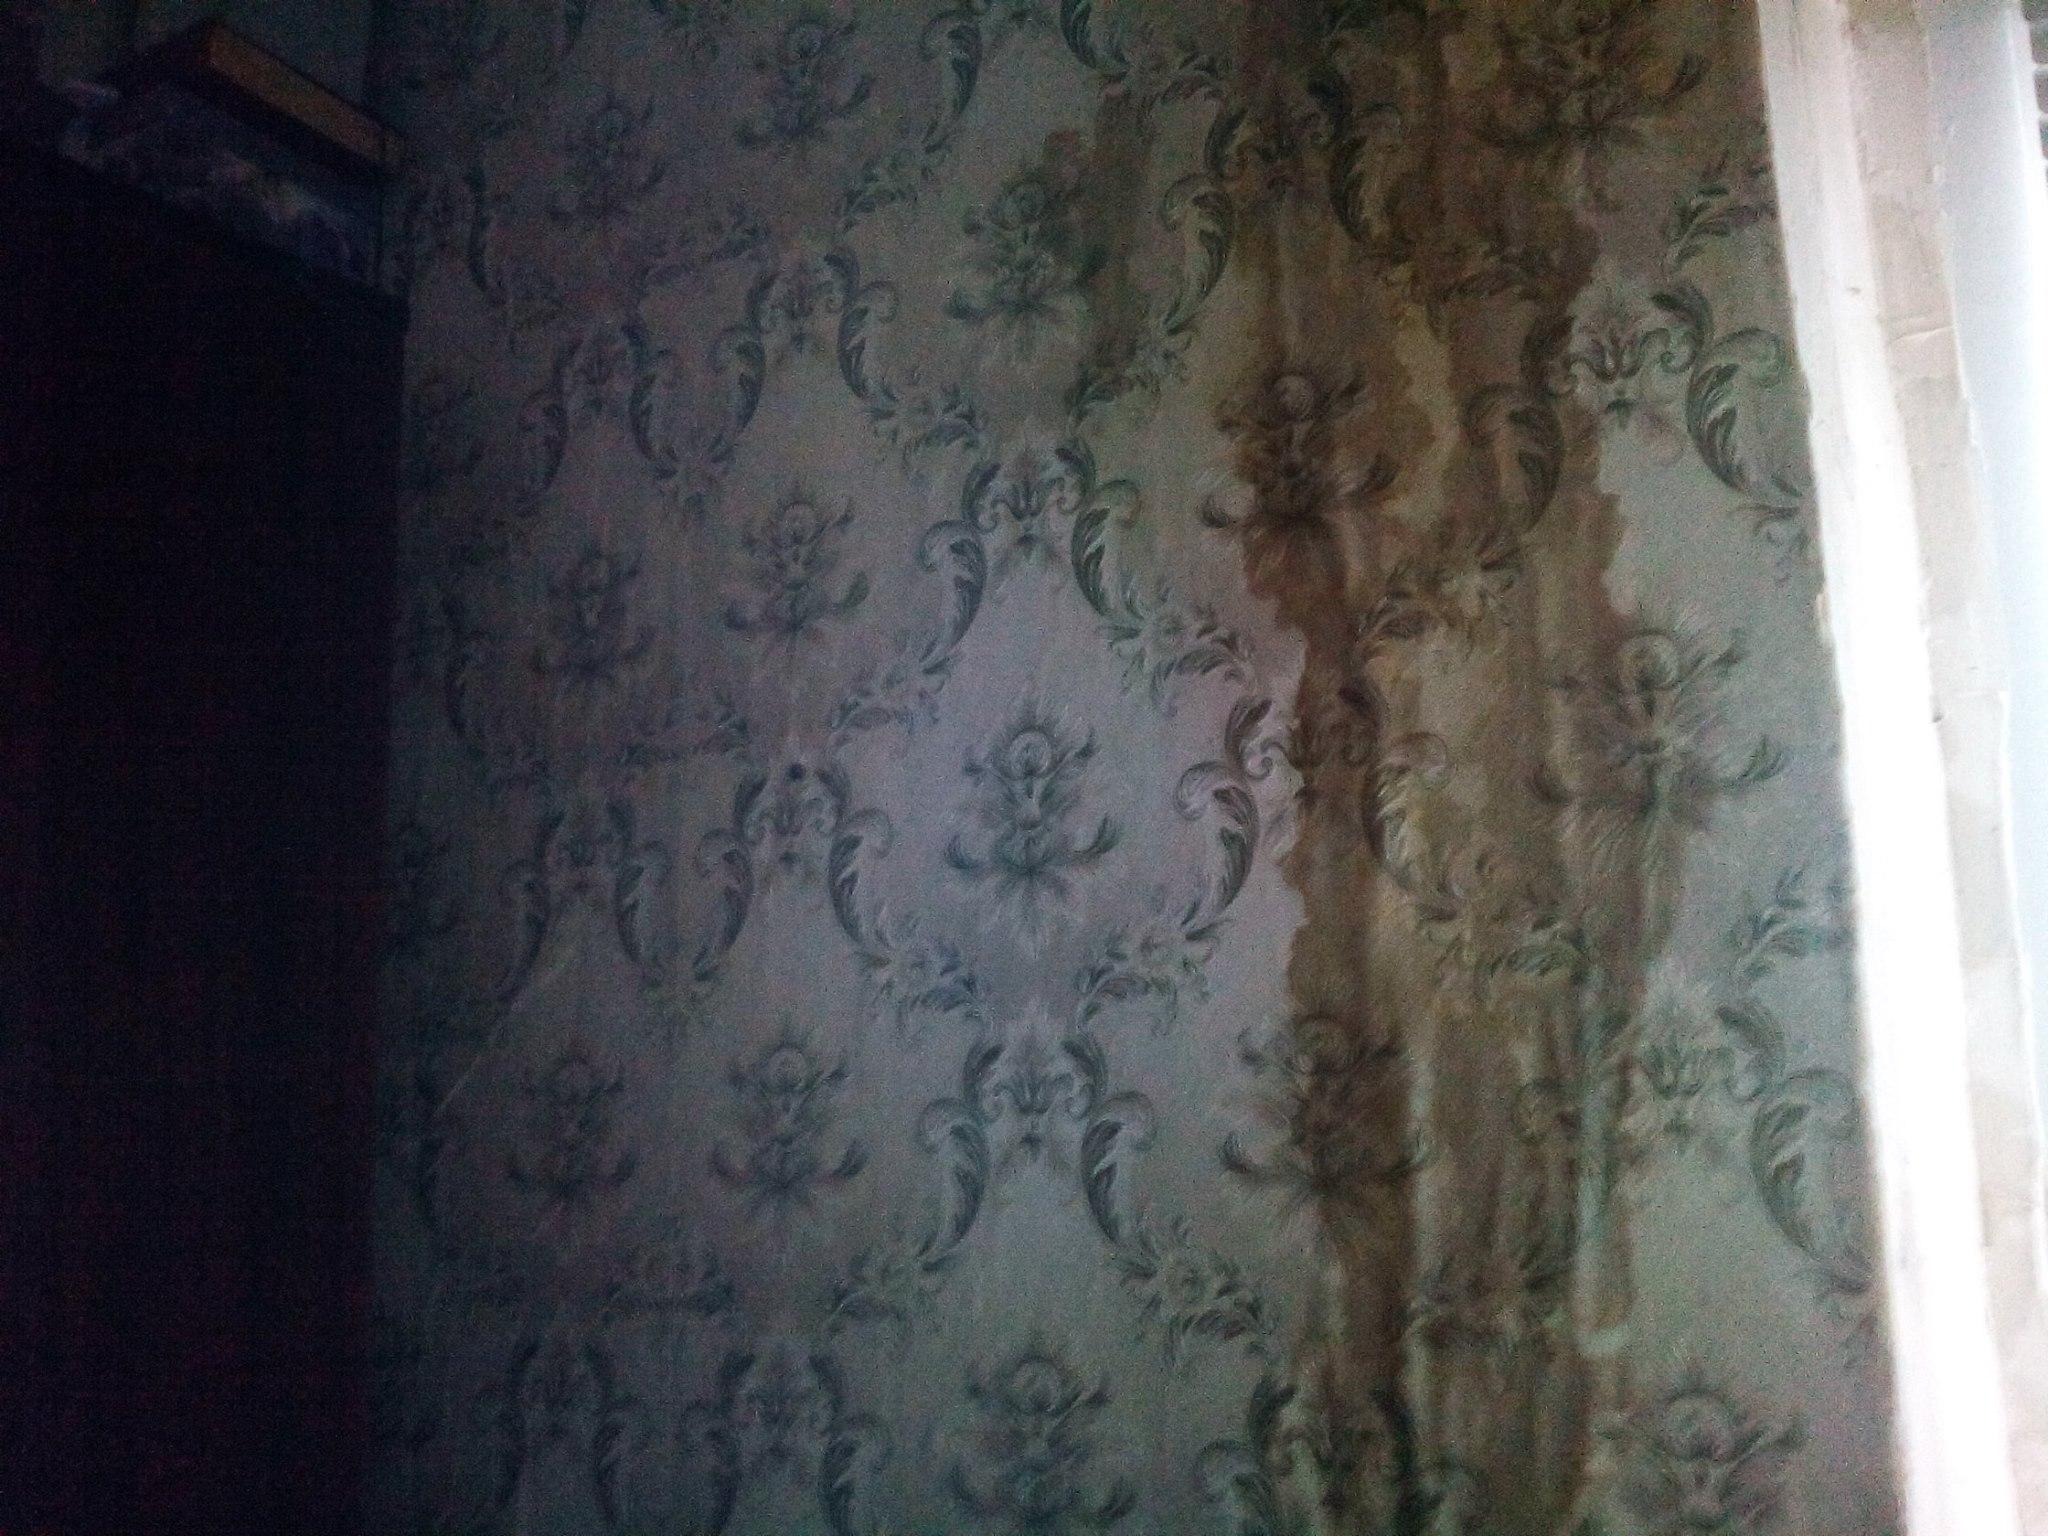 У миколаївців затопило квартиру: комунальник півтора роки не залатають дірку в стіні